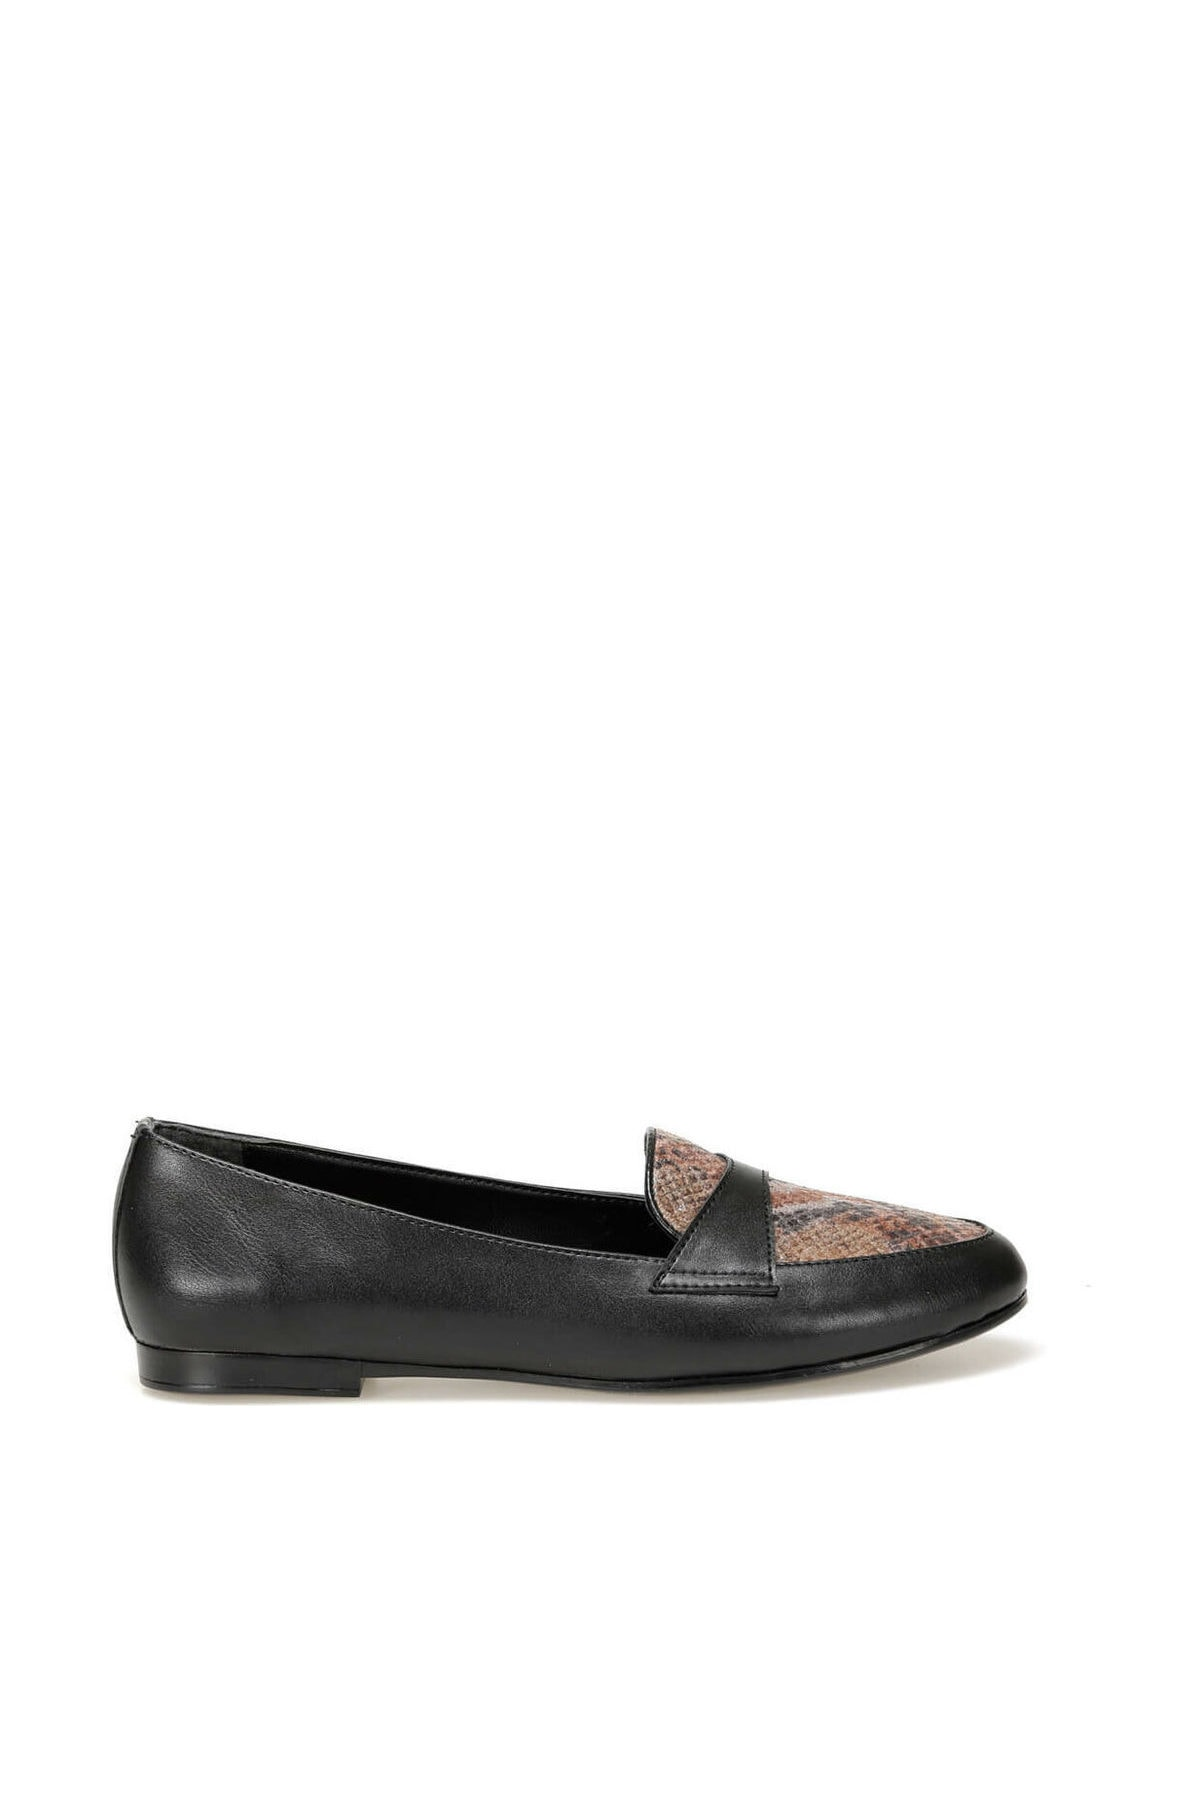 Miss F DW19083 Siyah Kadın Loafer Ayakkabı 100440363 2